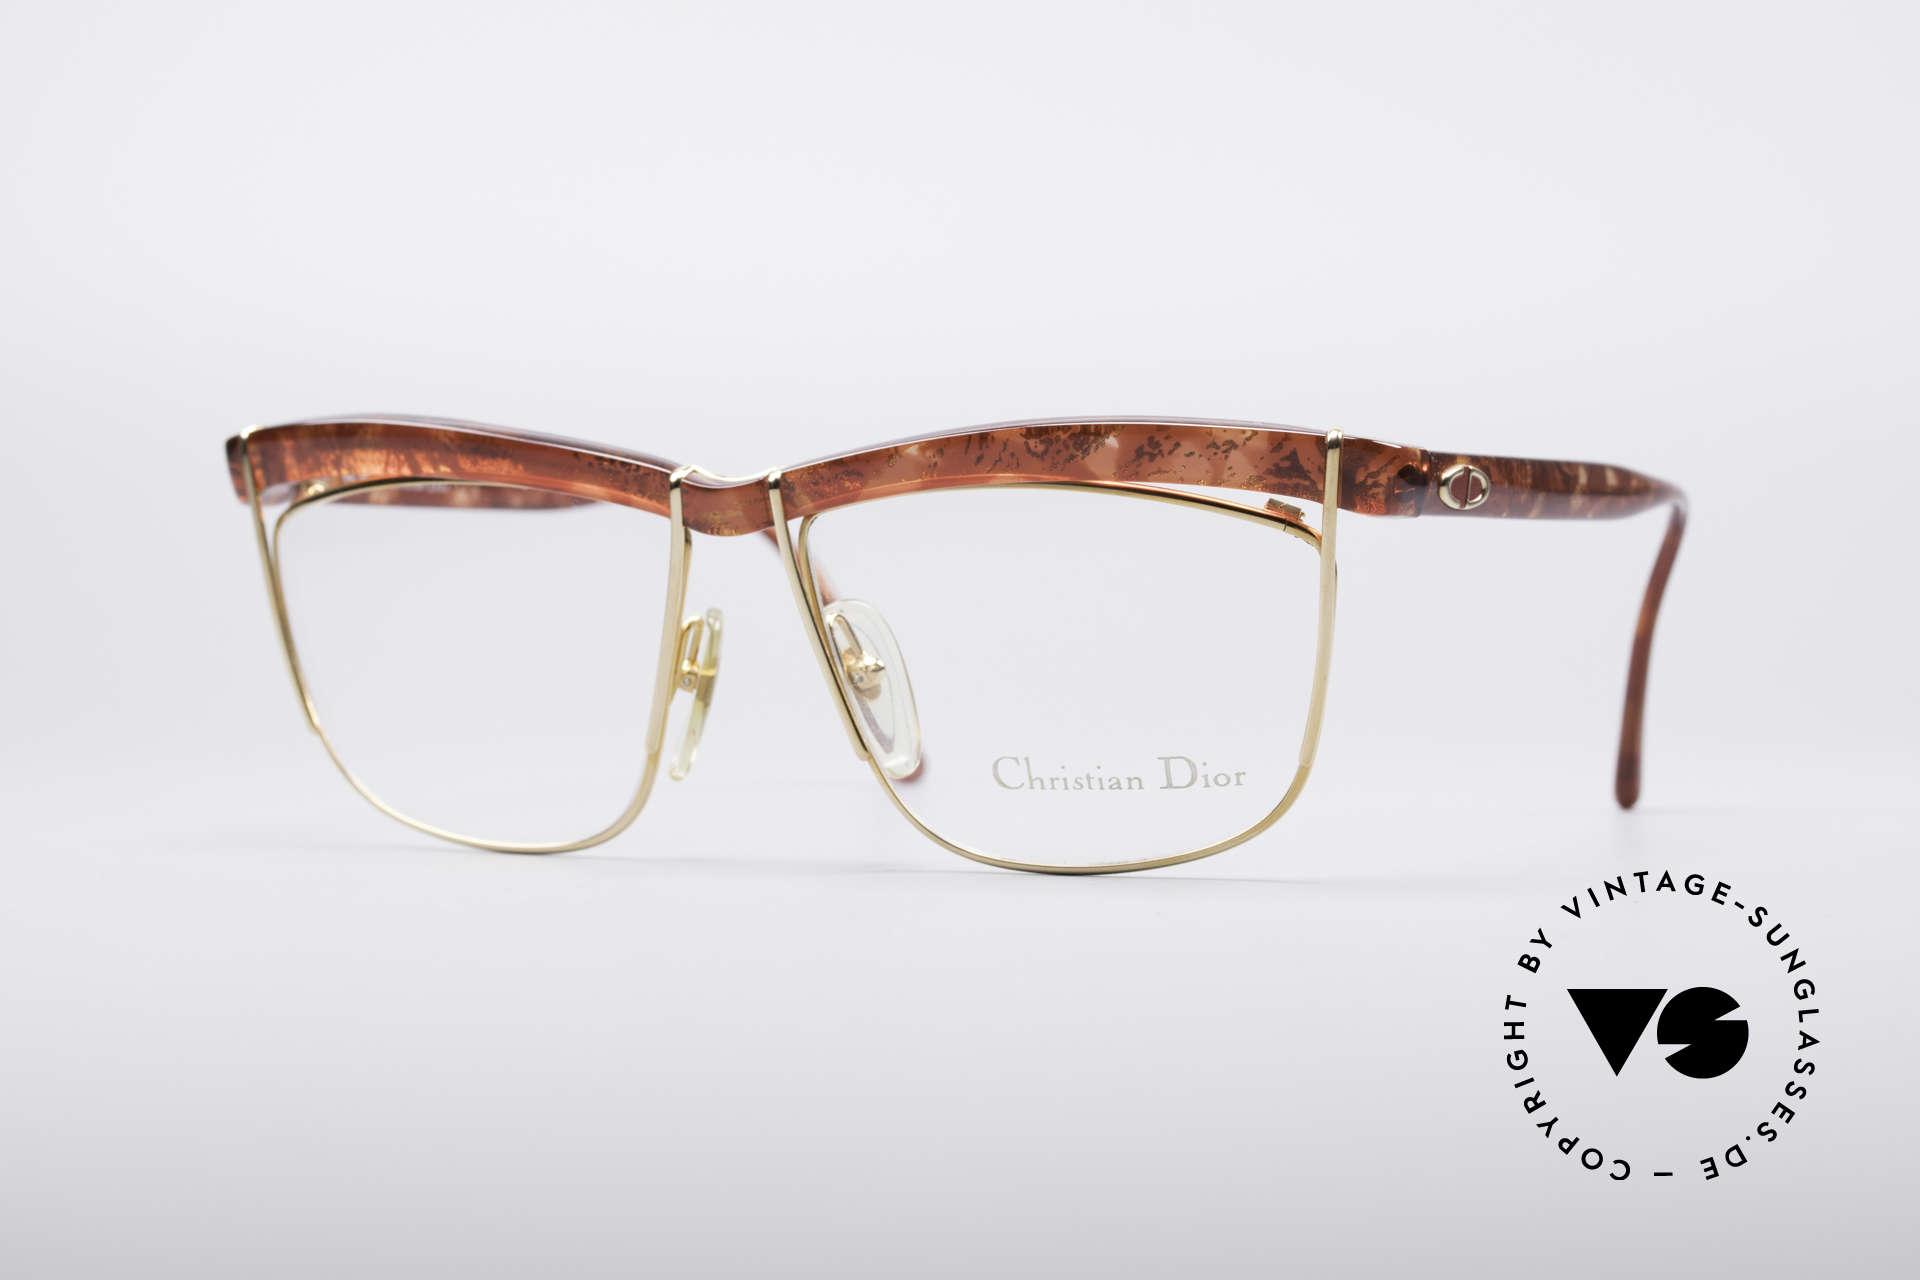 Christian Dior 2552 90er Vintage Brille, außergewöhnliche Dior Brillenfassung von 1990, Passend für Damen